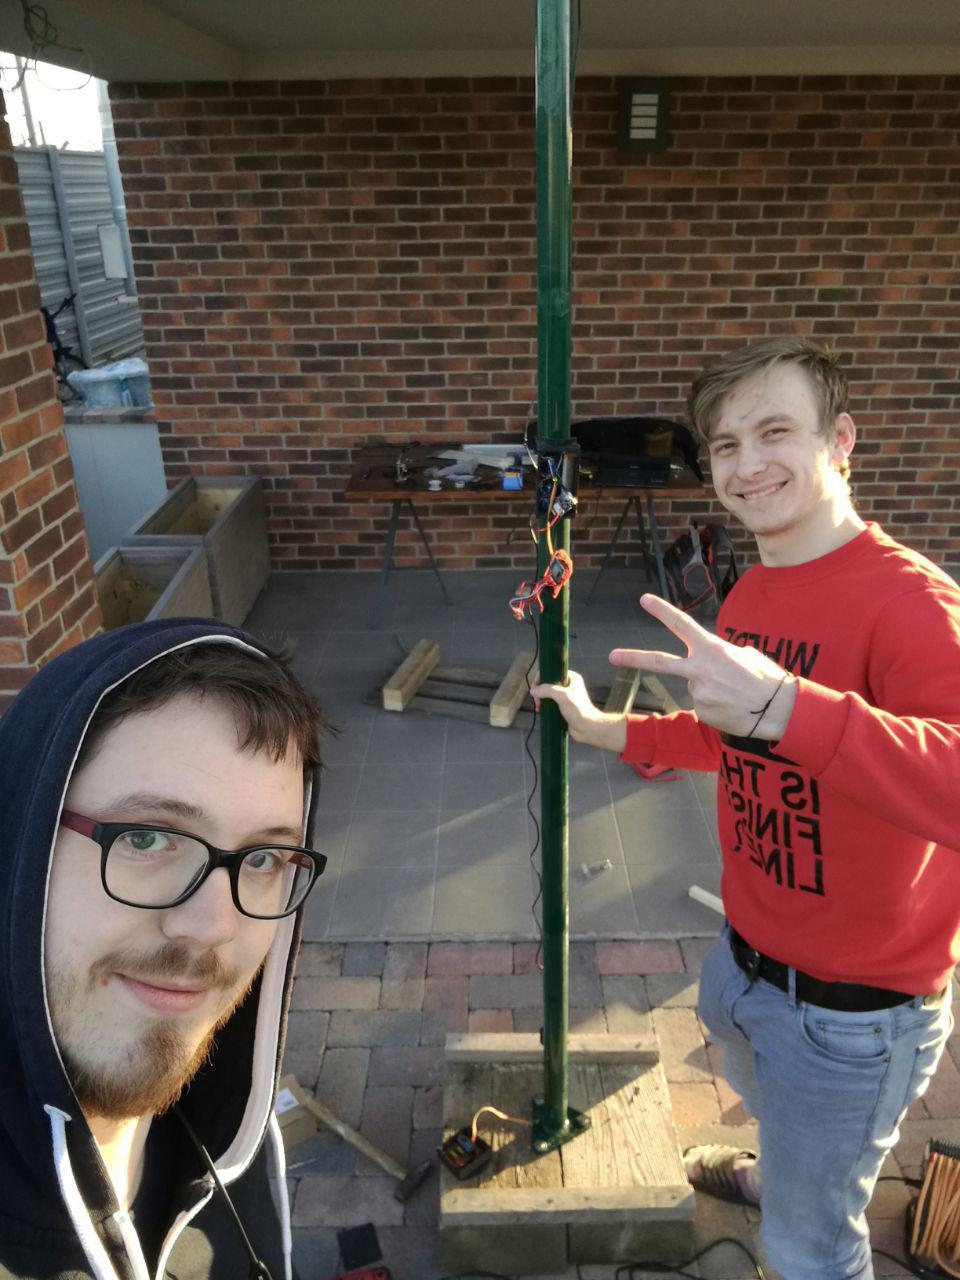 Despite being close to a deadline, you gotta pose for a selfie